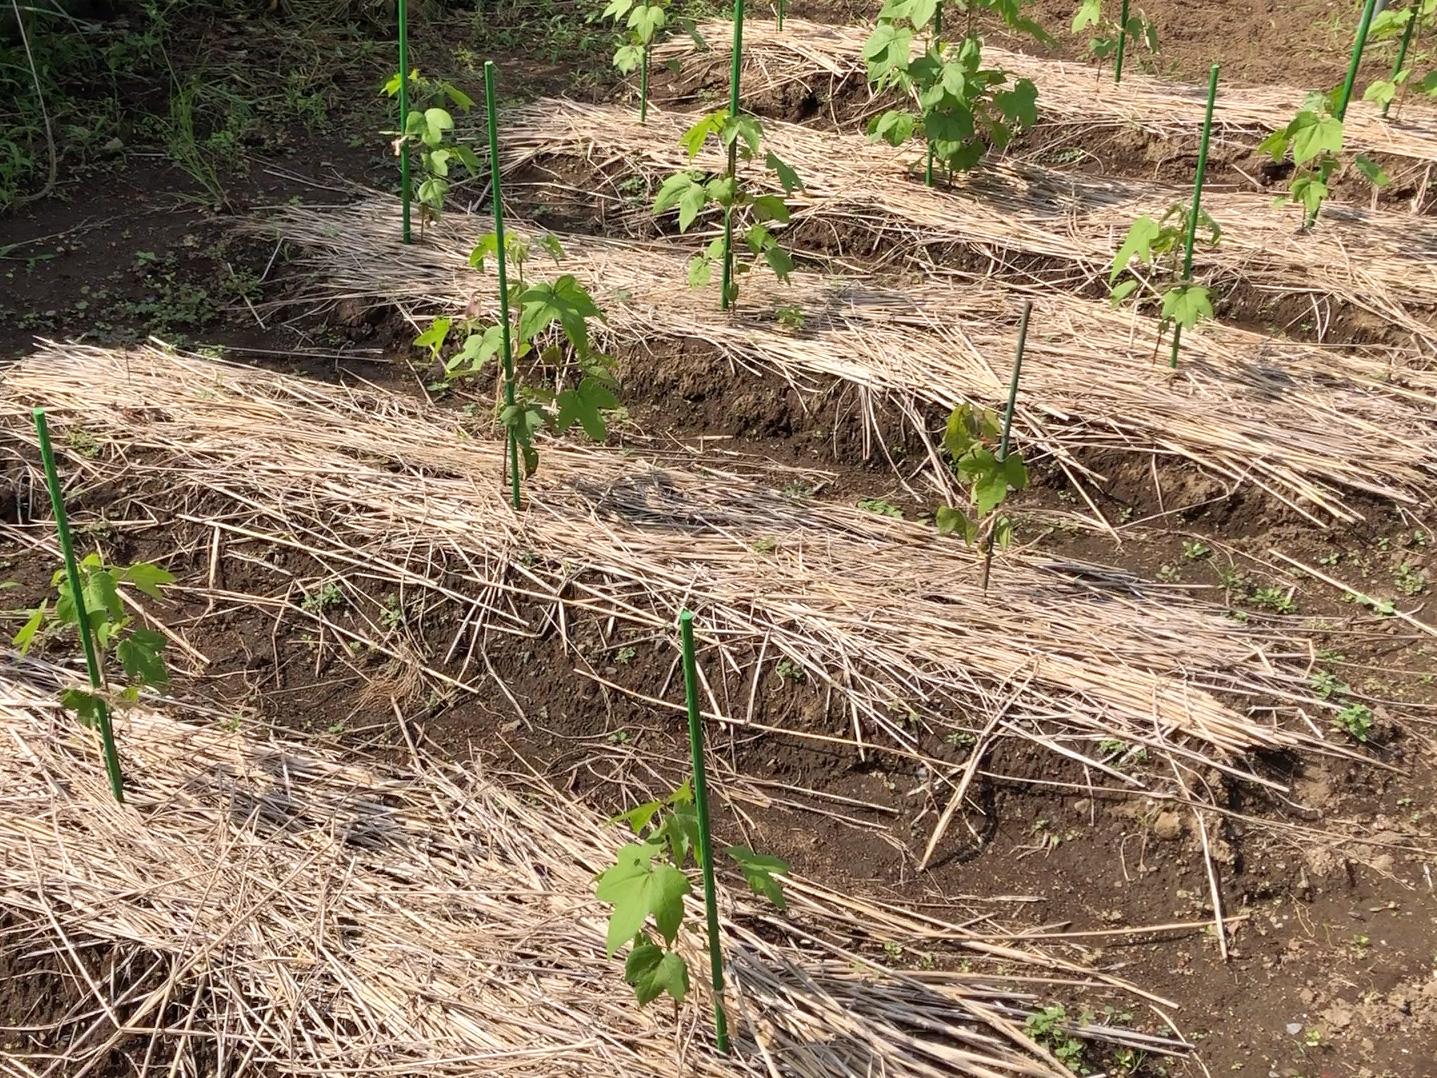 綿を育てる「梅雨の育成管理」